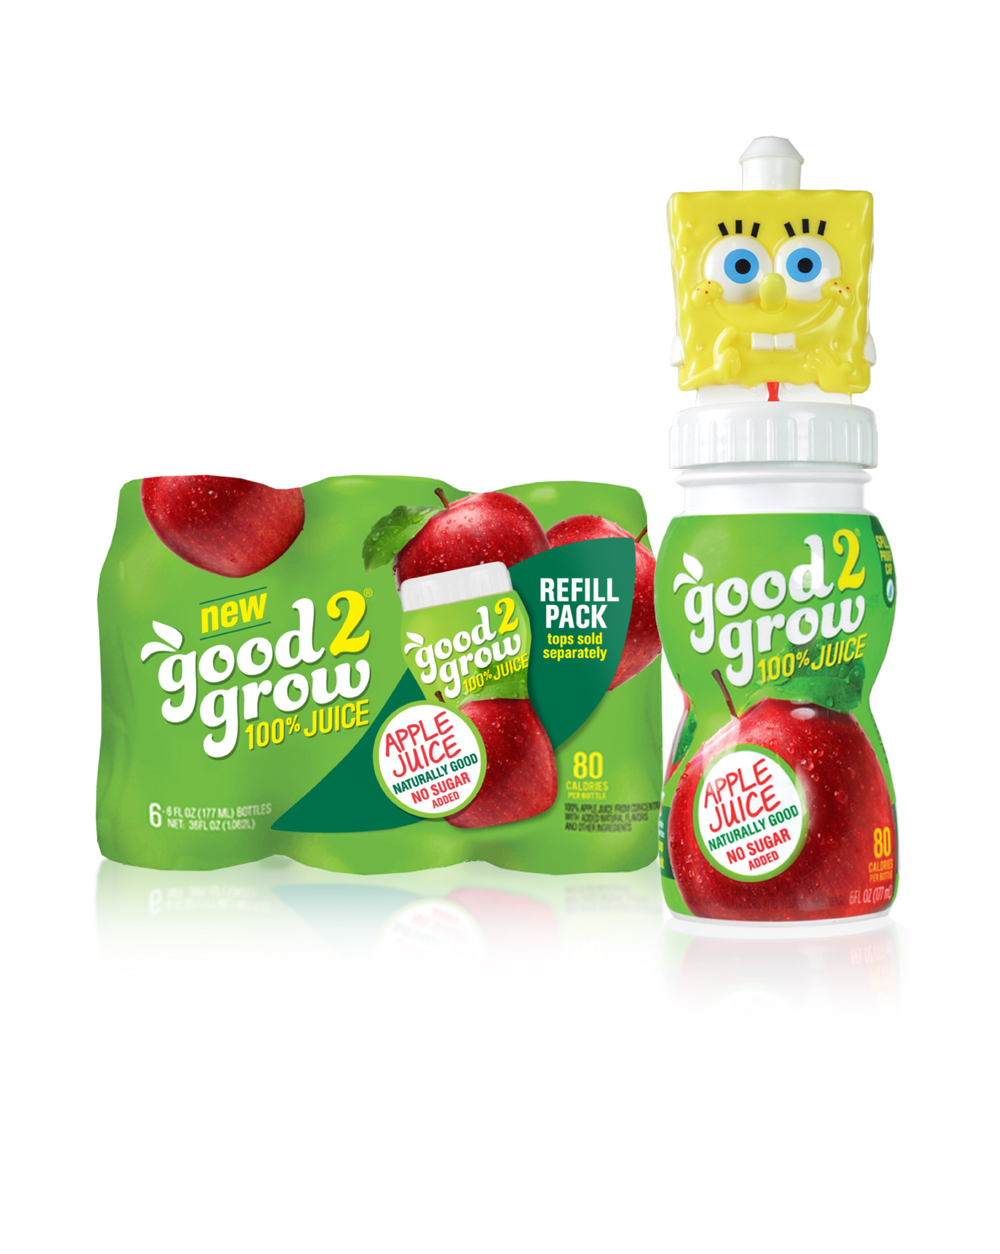 3.1.上海包装设计公司Good 2 Grow 好2代儿童果汁标志包装设计3-尚略广告